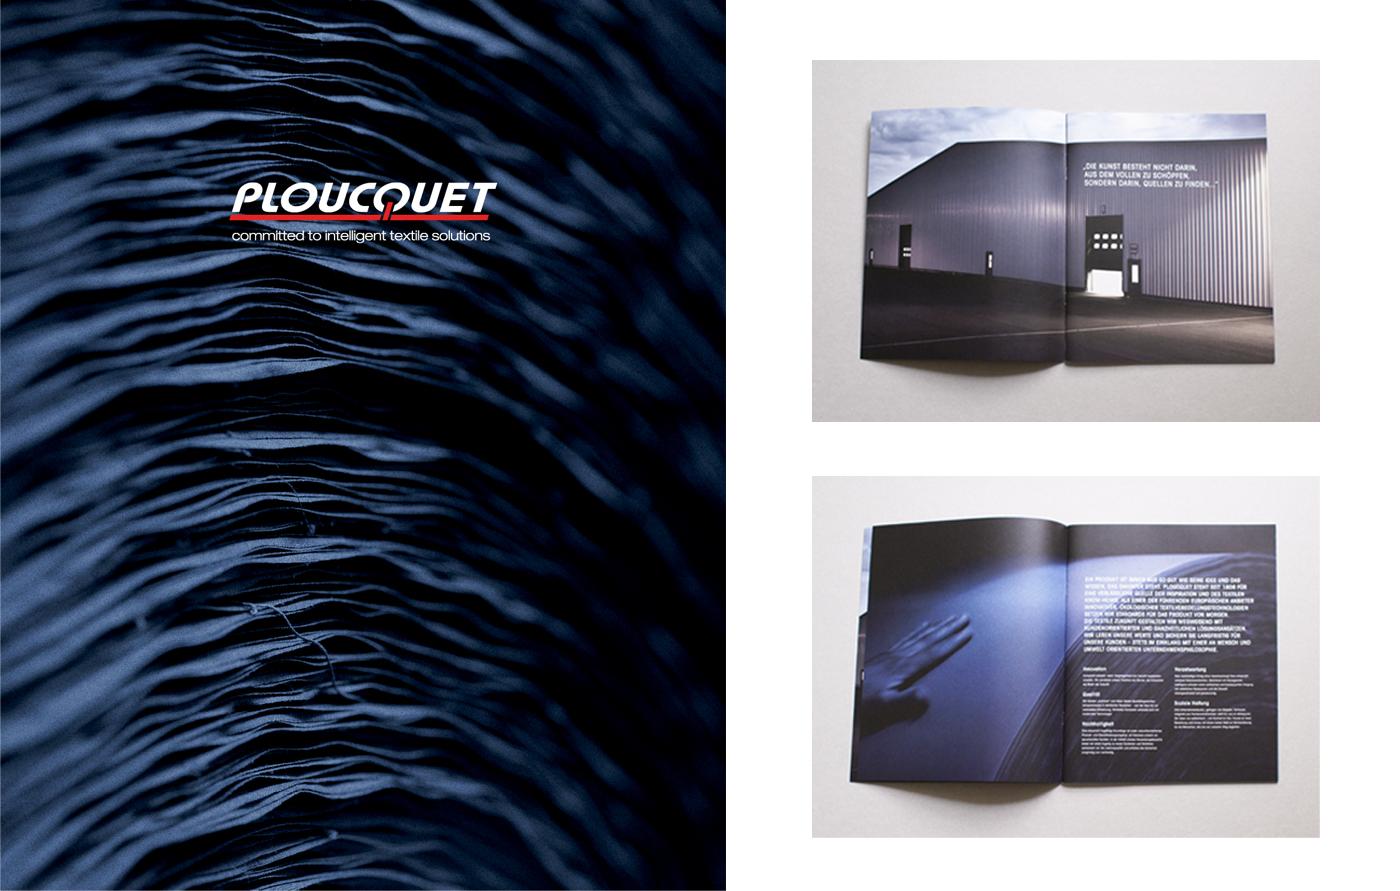 Ploucquet_imagebros_1